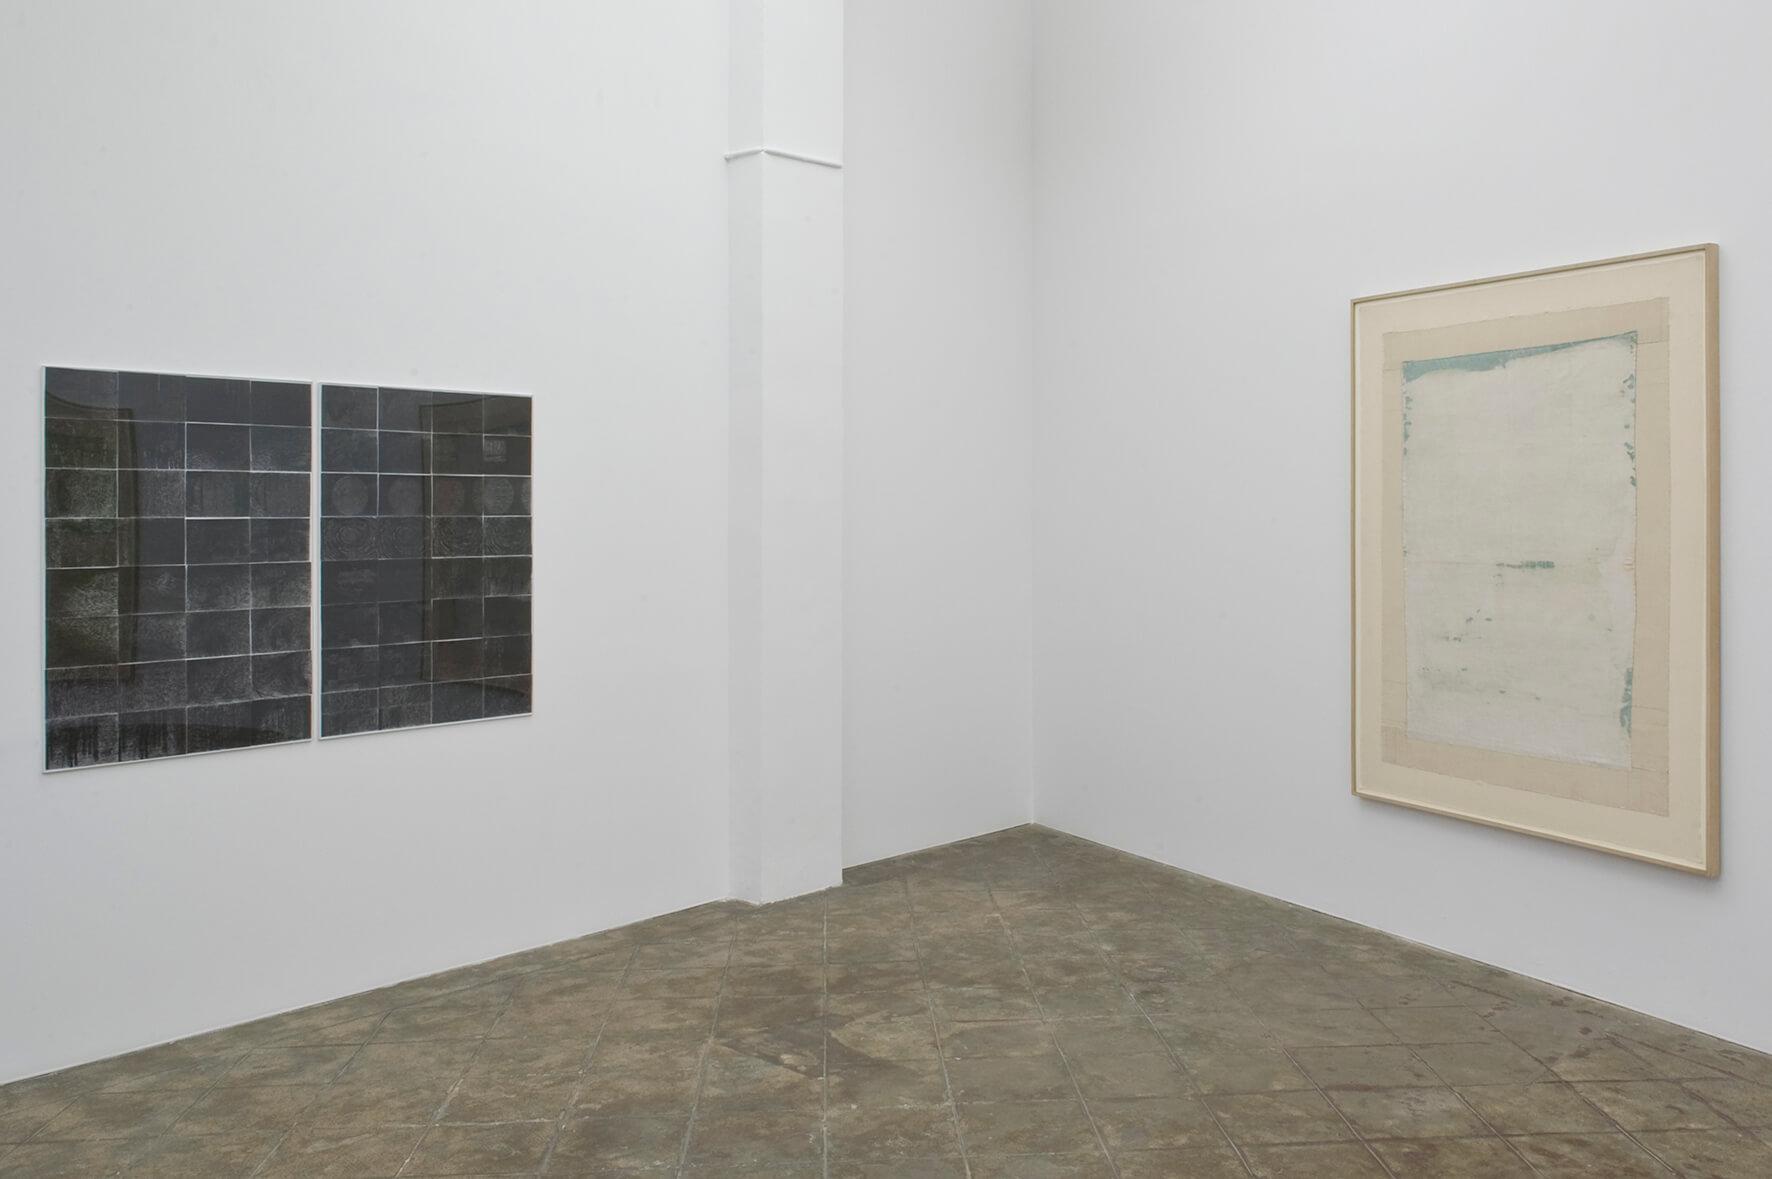 Installationview:Elgrancercle(TheGreatCircle),ProjecteSD | El Gran Cercle | ProjecteSD